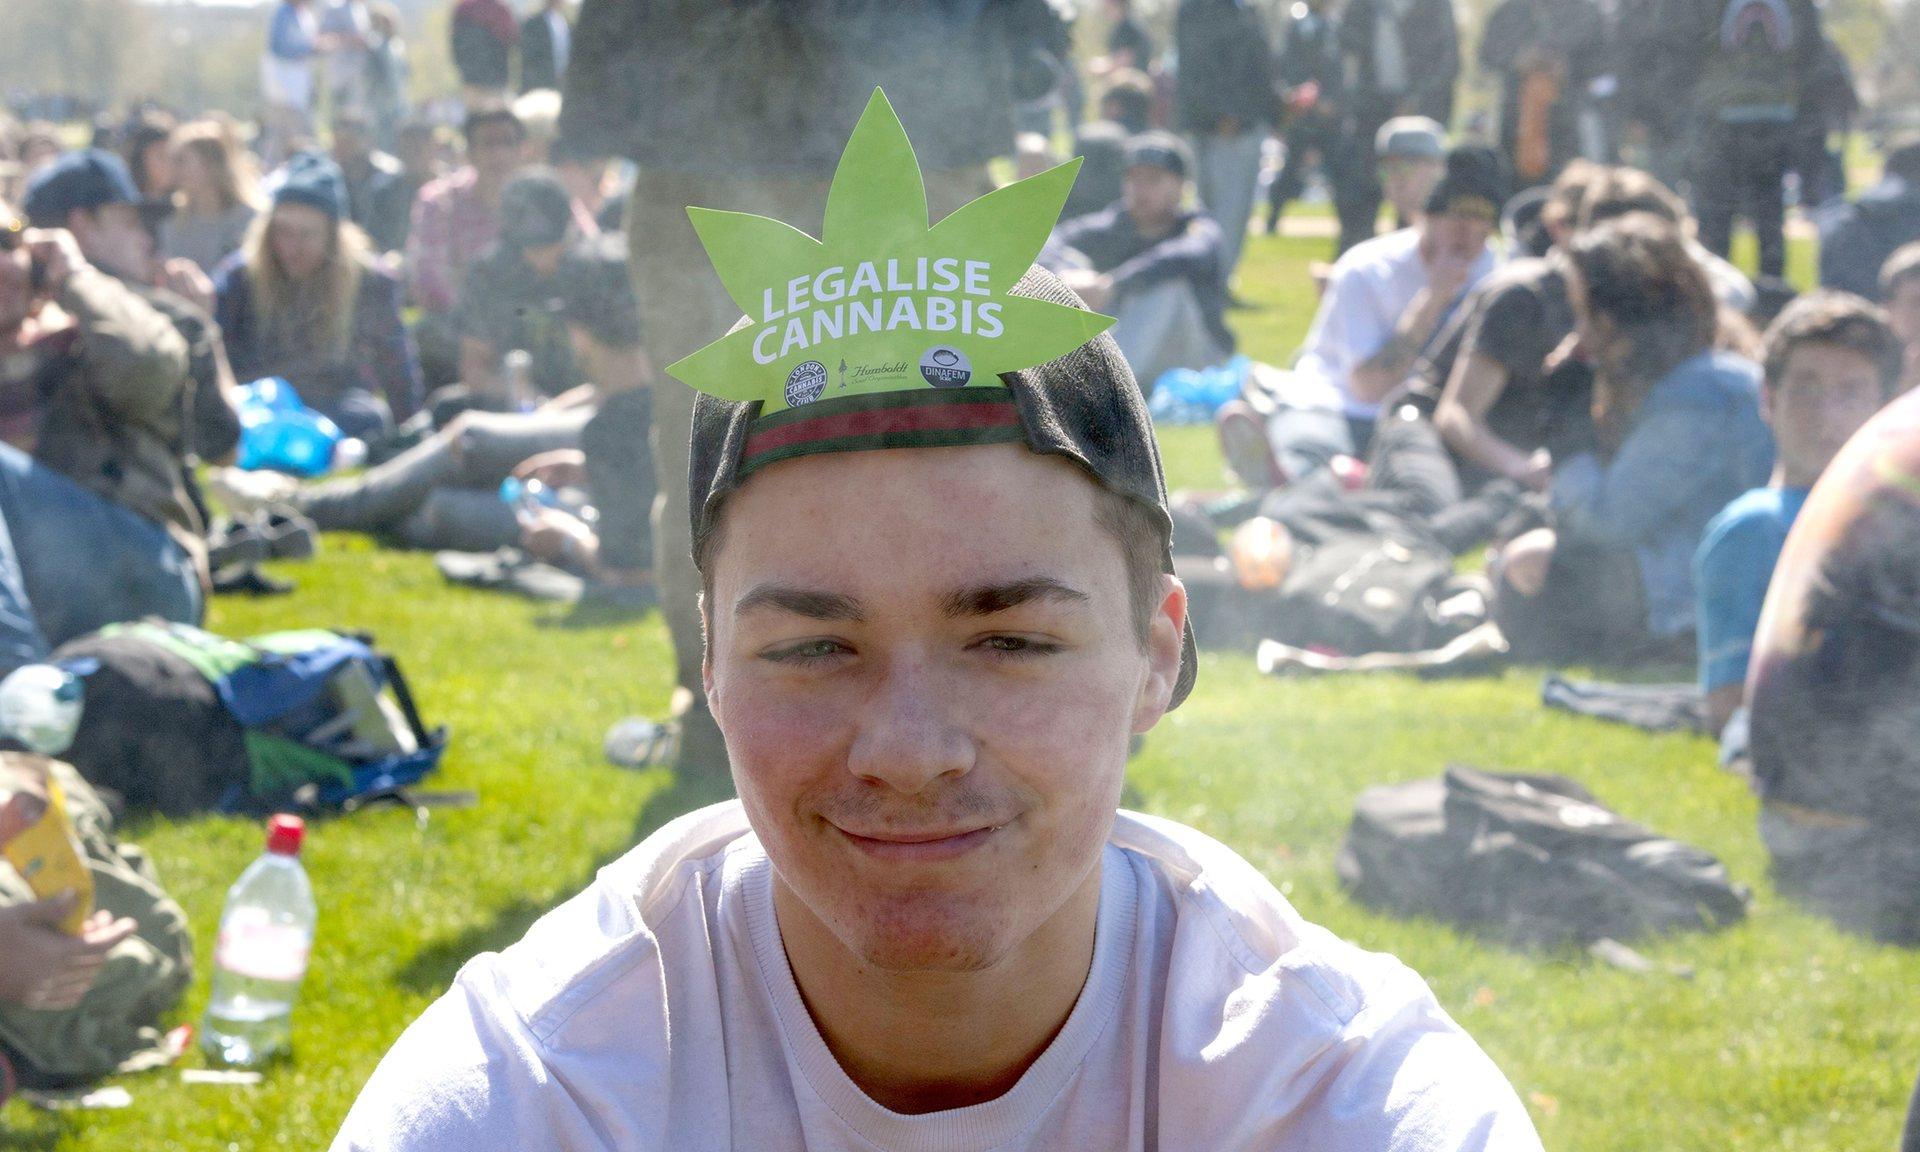 Happy Activist - London's Hyde Park